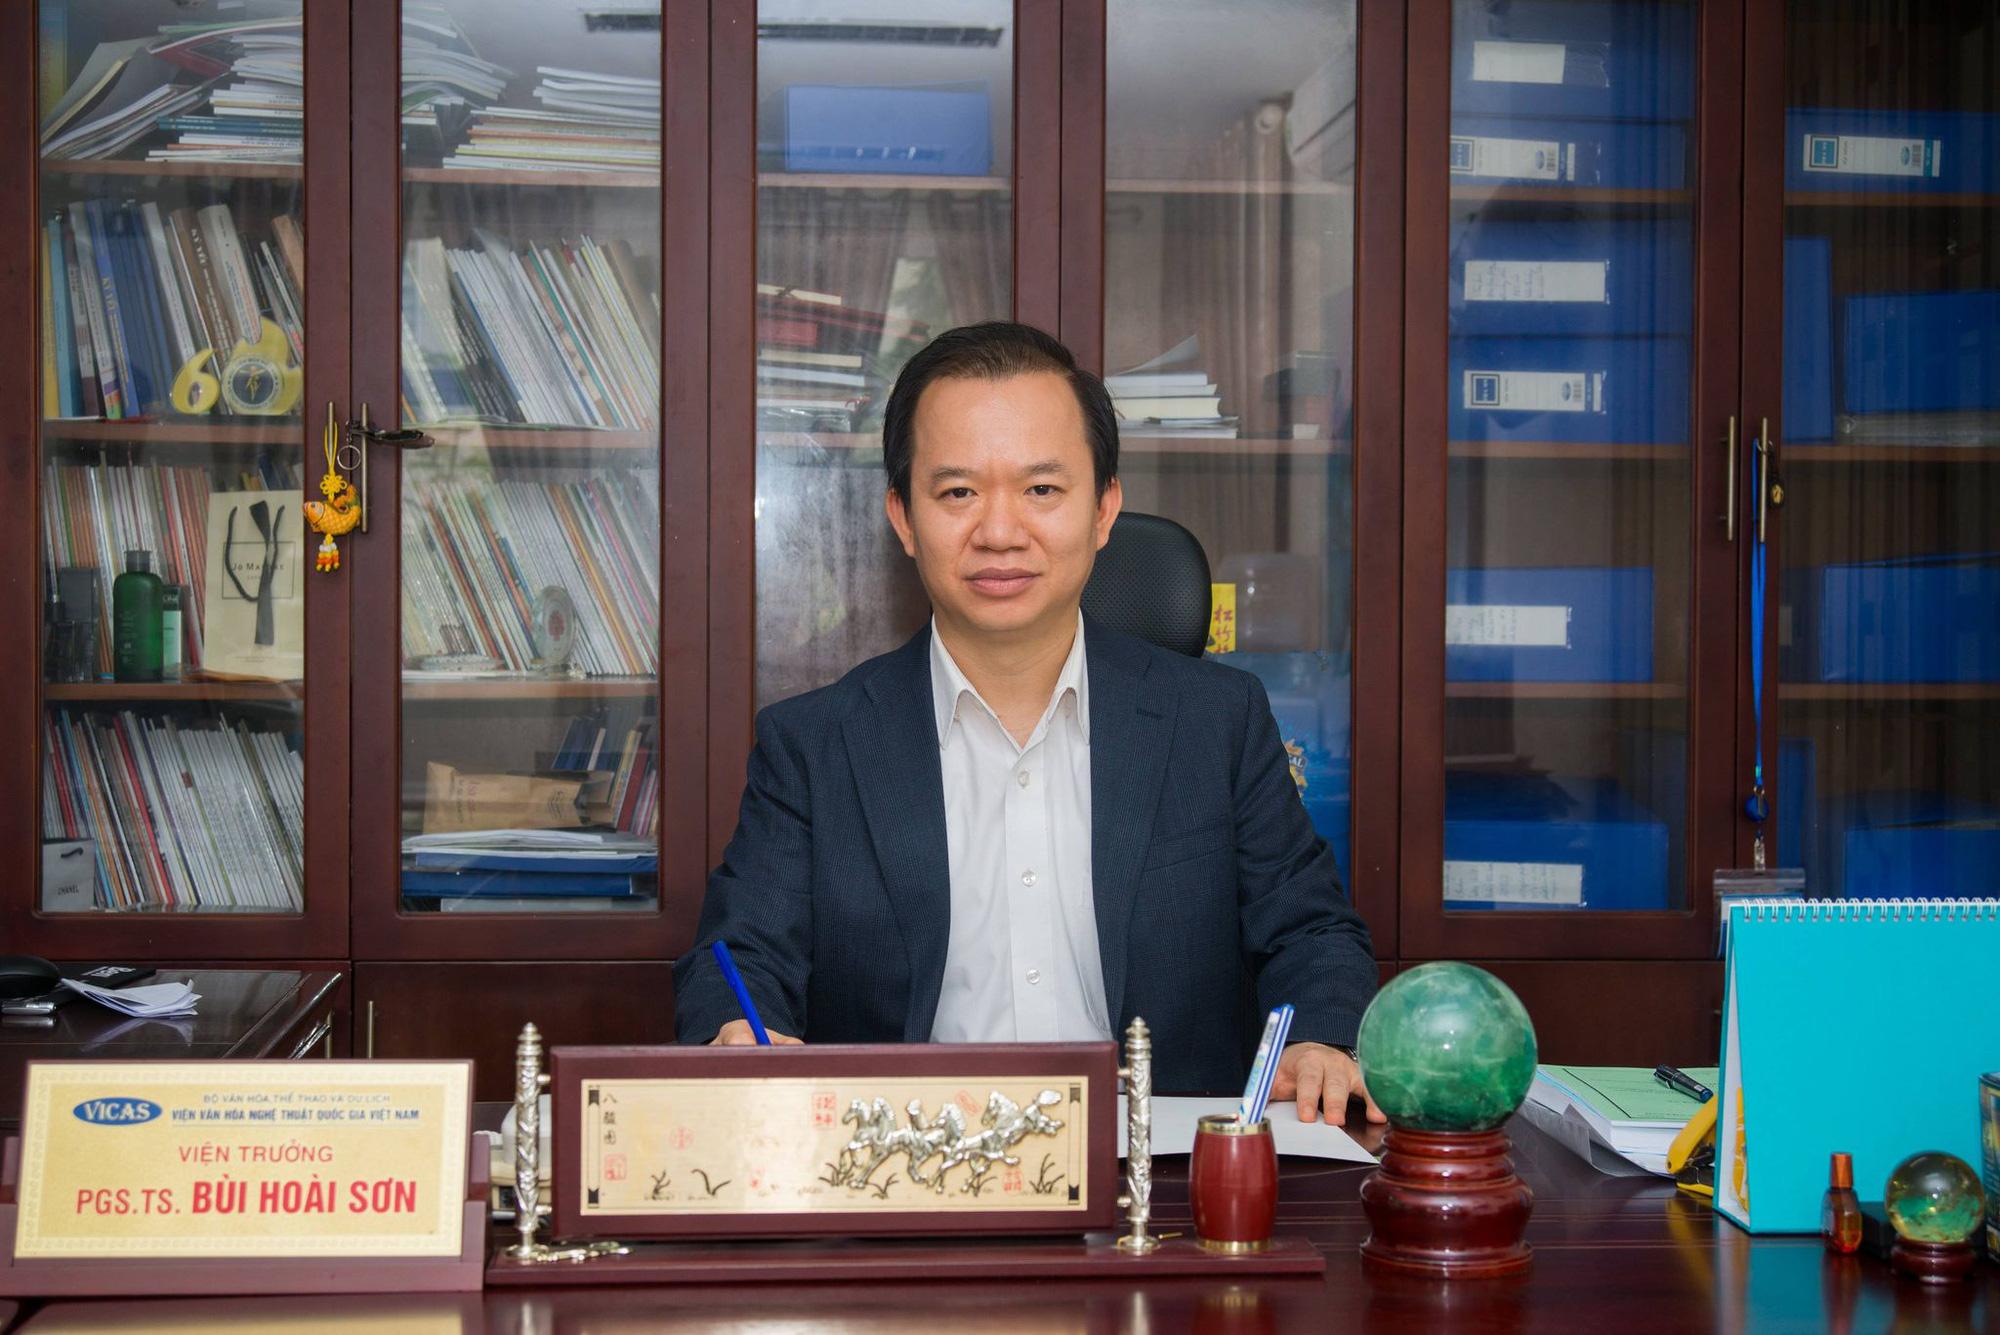 """PGS.TS Bùi Hoài Sơn: """"Tôi ủng hộ quy định không mặc quần bò đi làm của Bộ Nội vụ"""" - Ảnh 1."""